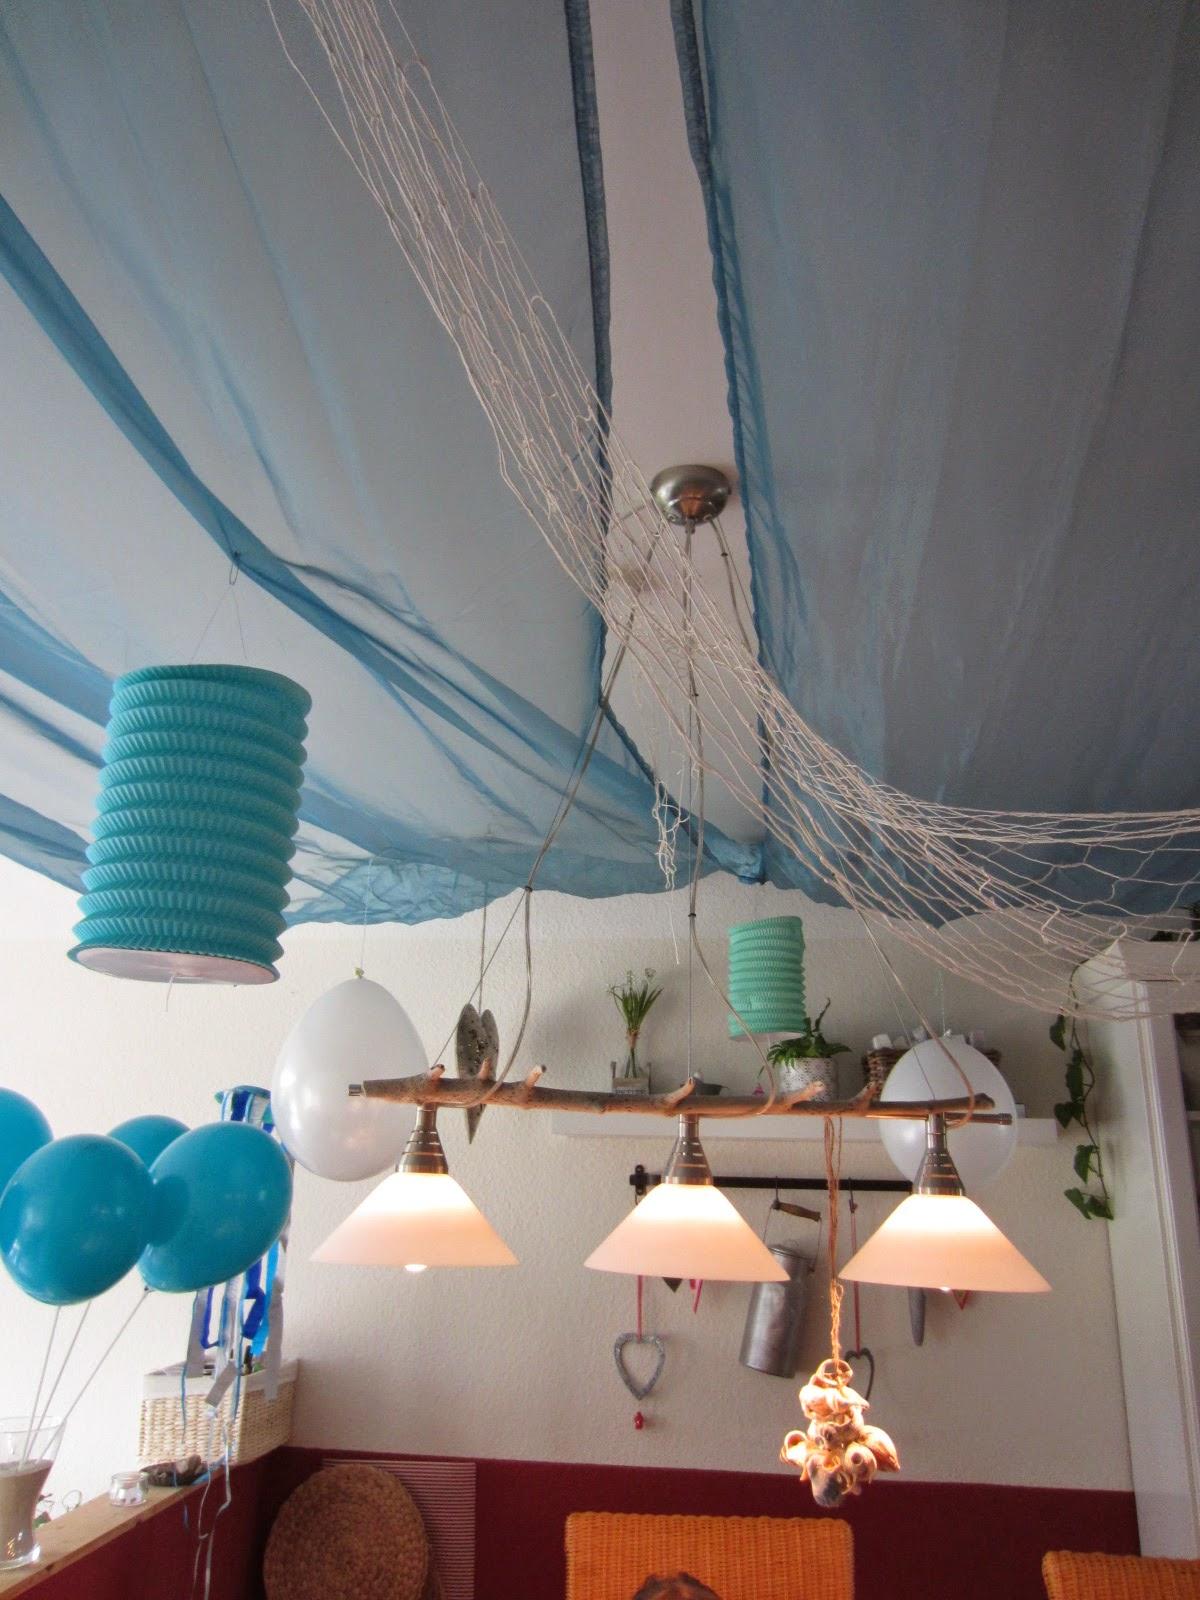 Schlafzimmer Beleuchtung Ideen: Indirekte Beleuchtung Wohnzimmer ...